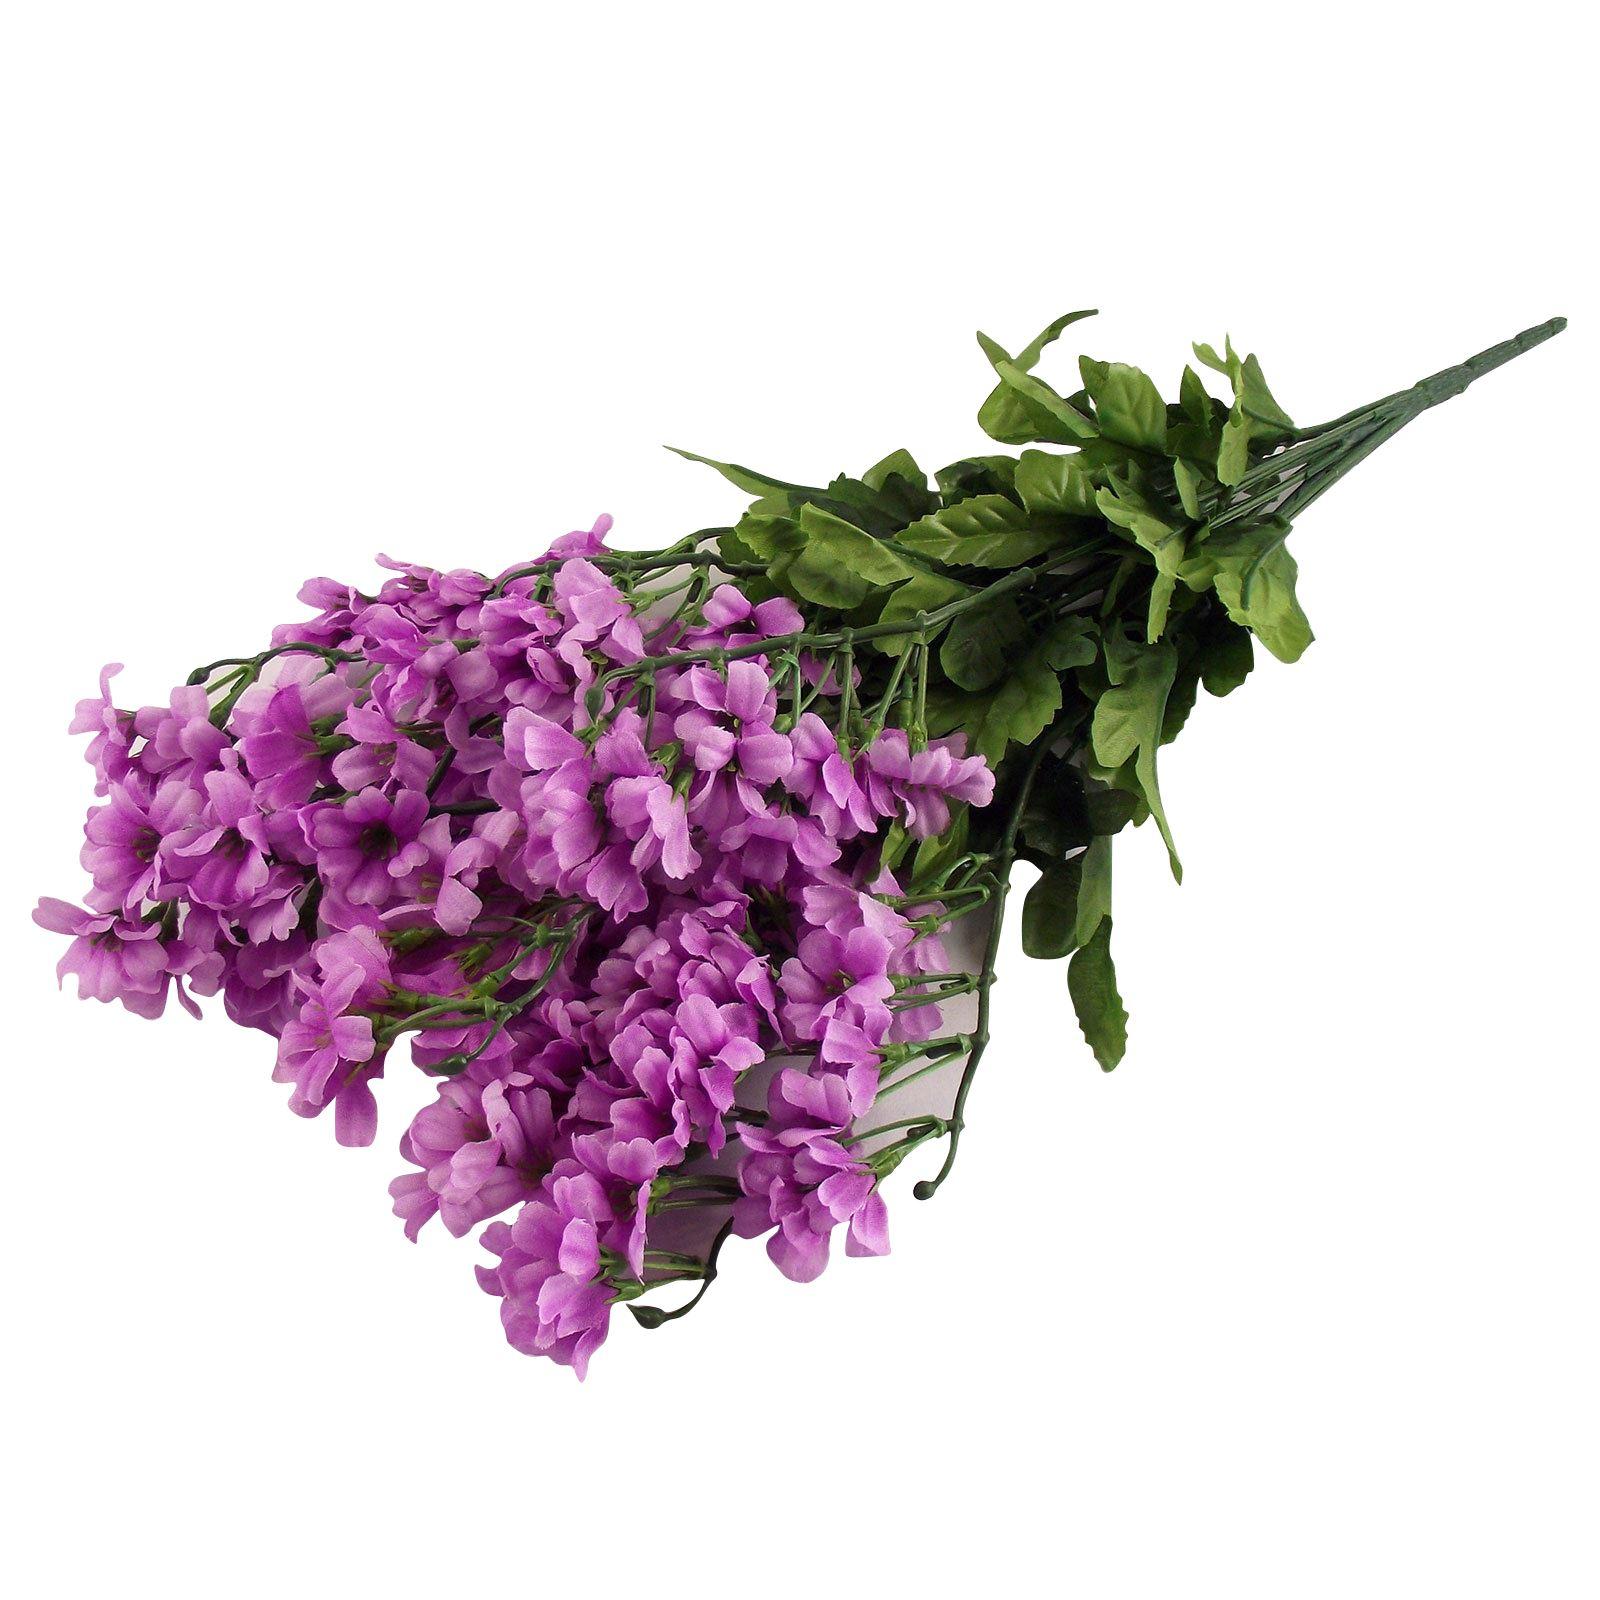 Silk Flower Bouquets Do Yourself: Large Blosom Bush Bouquet! Artificial Flowers Peach Plum